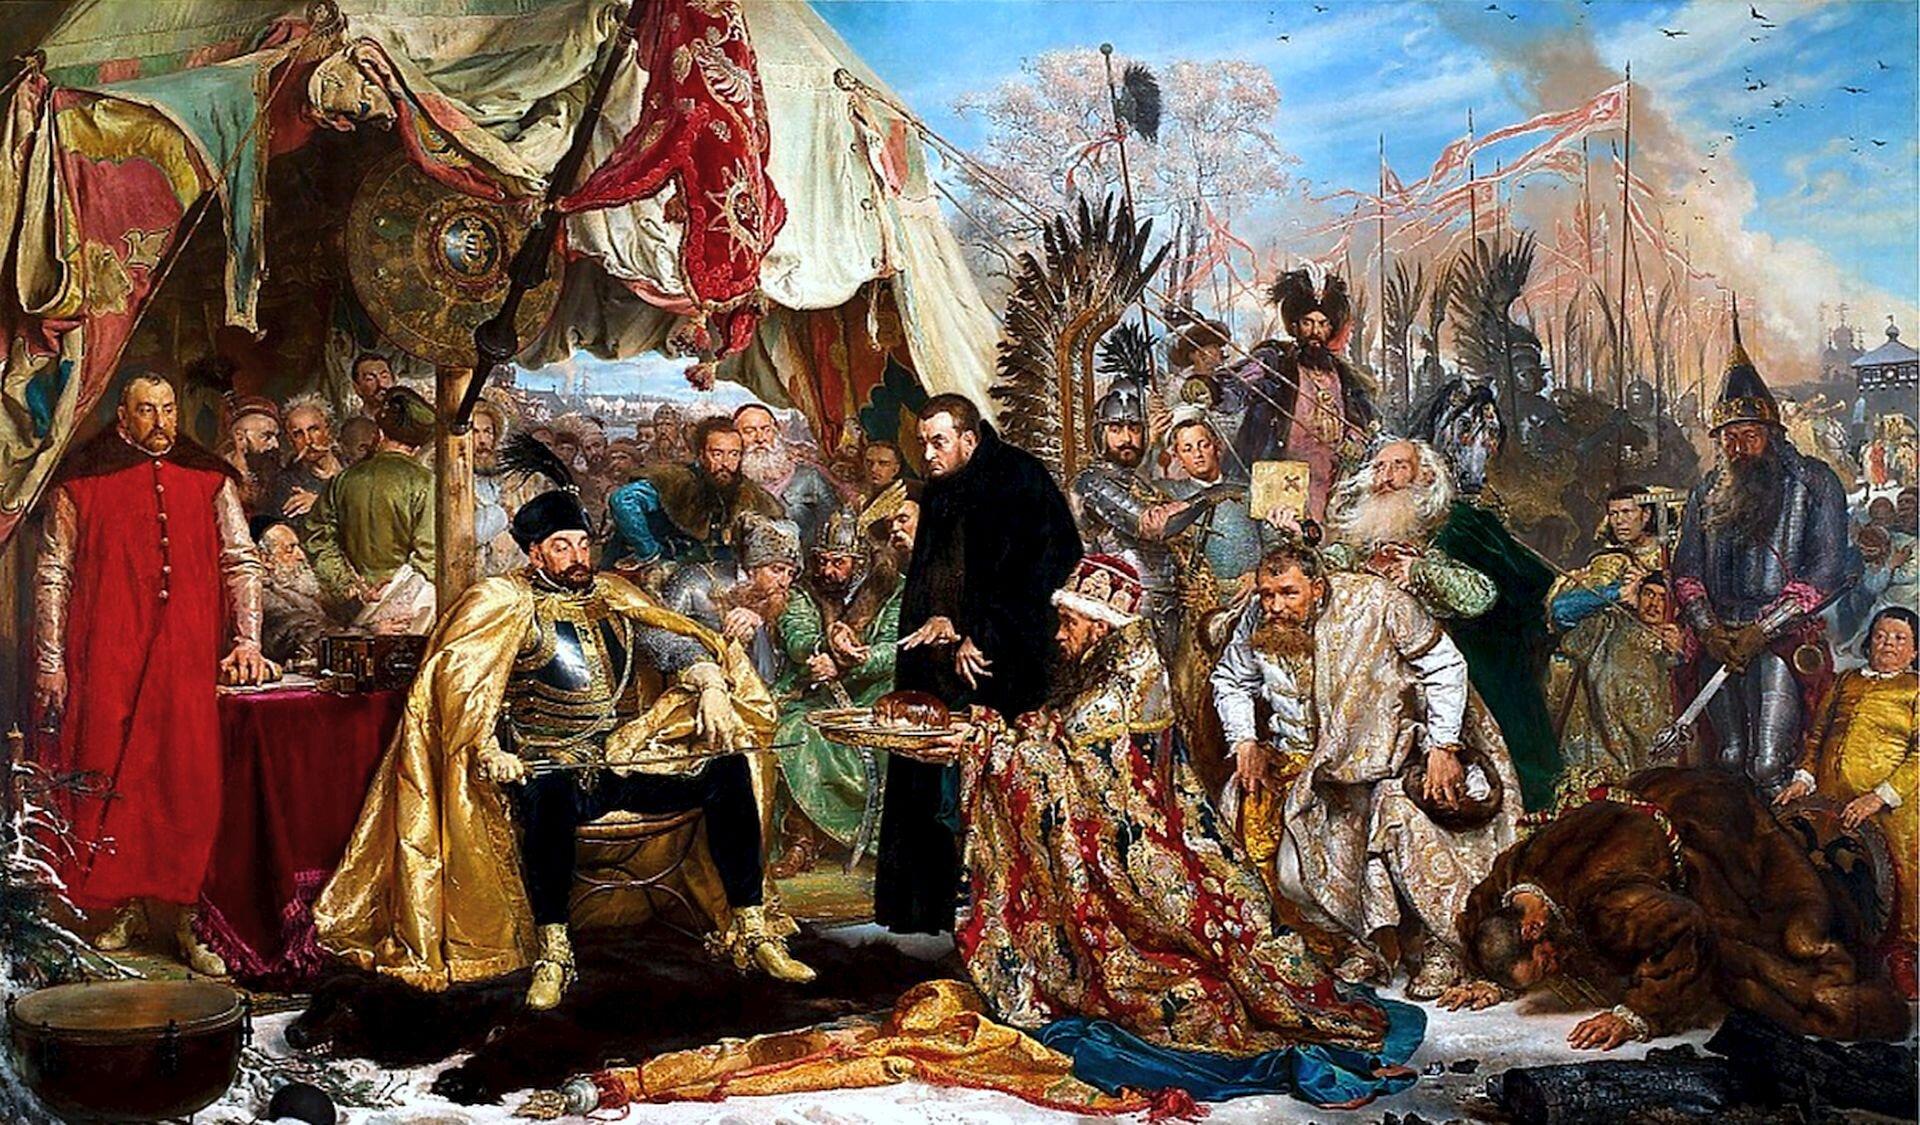 """Zdjęcie przedstawia obraz Jana Matejki """"Batory pod Pskowem"""". Na obrazie widoczny jest obóz wojskowy skąpany wzłocieniach, czerwieniach, brązach isrebrnych szarościach. Zachwyt wzbudza doskonale przedstawiona postać króla, pełna dostojeństwa, potęgi isiły. Stefan Batory siedzi przed namiotem wnapierśniku idla podkreślenia majestatu, dodatkowo ubrany jest wzłotą delię spływającą na ramiona. Na kolanach trzyma nagą szablę – palce lewej dłoni króla dotykają nagiej głowni broni, sugerując jednoznacznie dalszy bieg wypadków wrazie niedotrzymania właśnie zawartego rozejmu wJamie Zapolskim. Centralną postacią na obrazie jest ubrany wczarny jezuicki habit legat papieski Antonio Possevino, który ma czujną twarz, przenikliwe spojrzenie igestykulujące dłonie. Pod namiotem stoi kanclerz izarazem hetman wielki koronny Jan Zamoyski ubrany wczerwoną delię, trzymający wprawej dłoni pieczęć koronną, symbol jego funkcji kanclerskiej."""